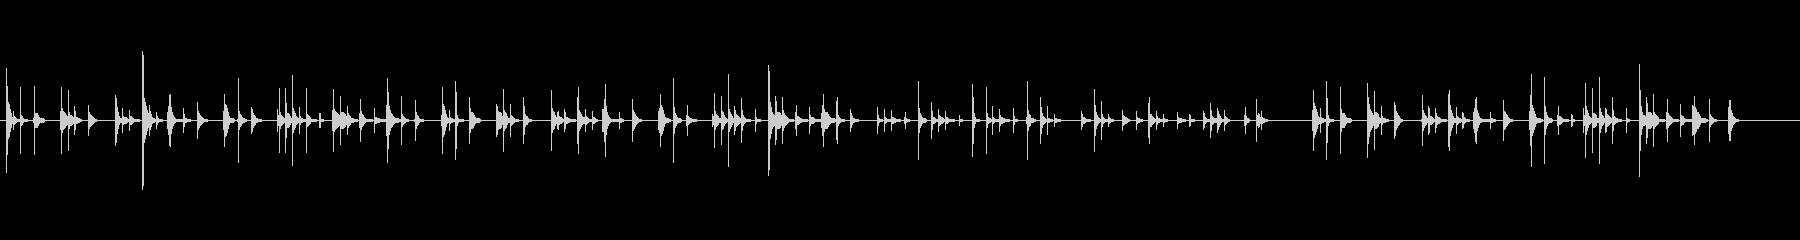 a優しくて可愛らしいおやすみオルゴール の未再生の波形